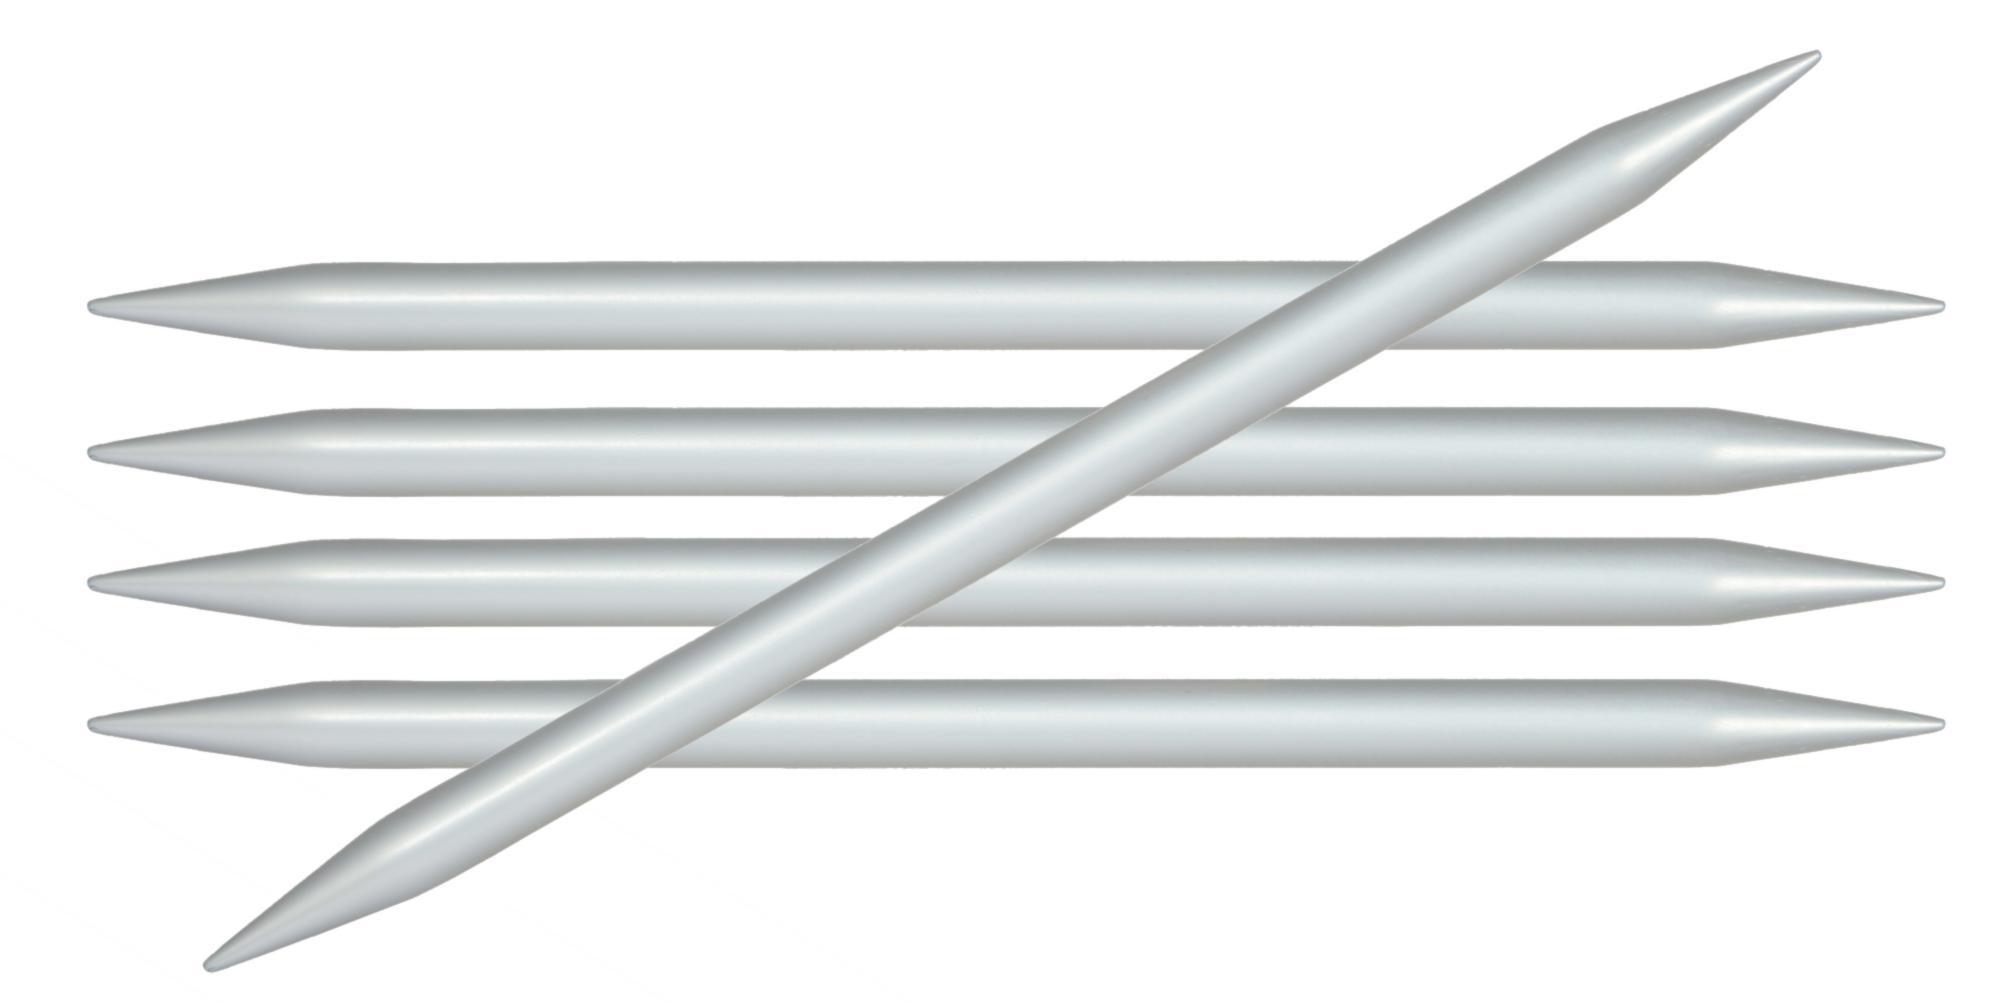 Спицы носочные 20 см Basix Aluminium KnitPro, 45125, 5.50 мм